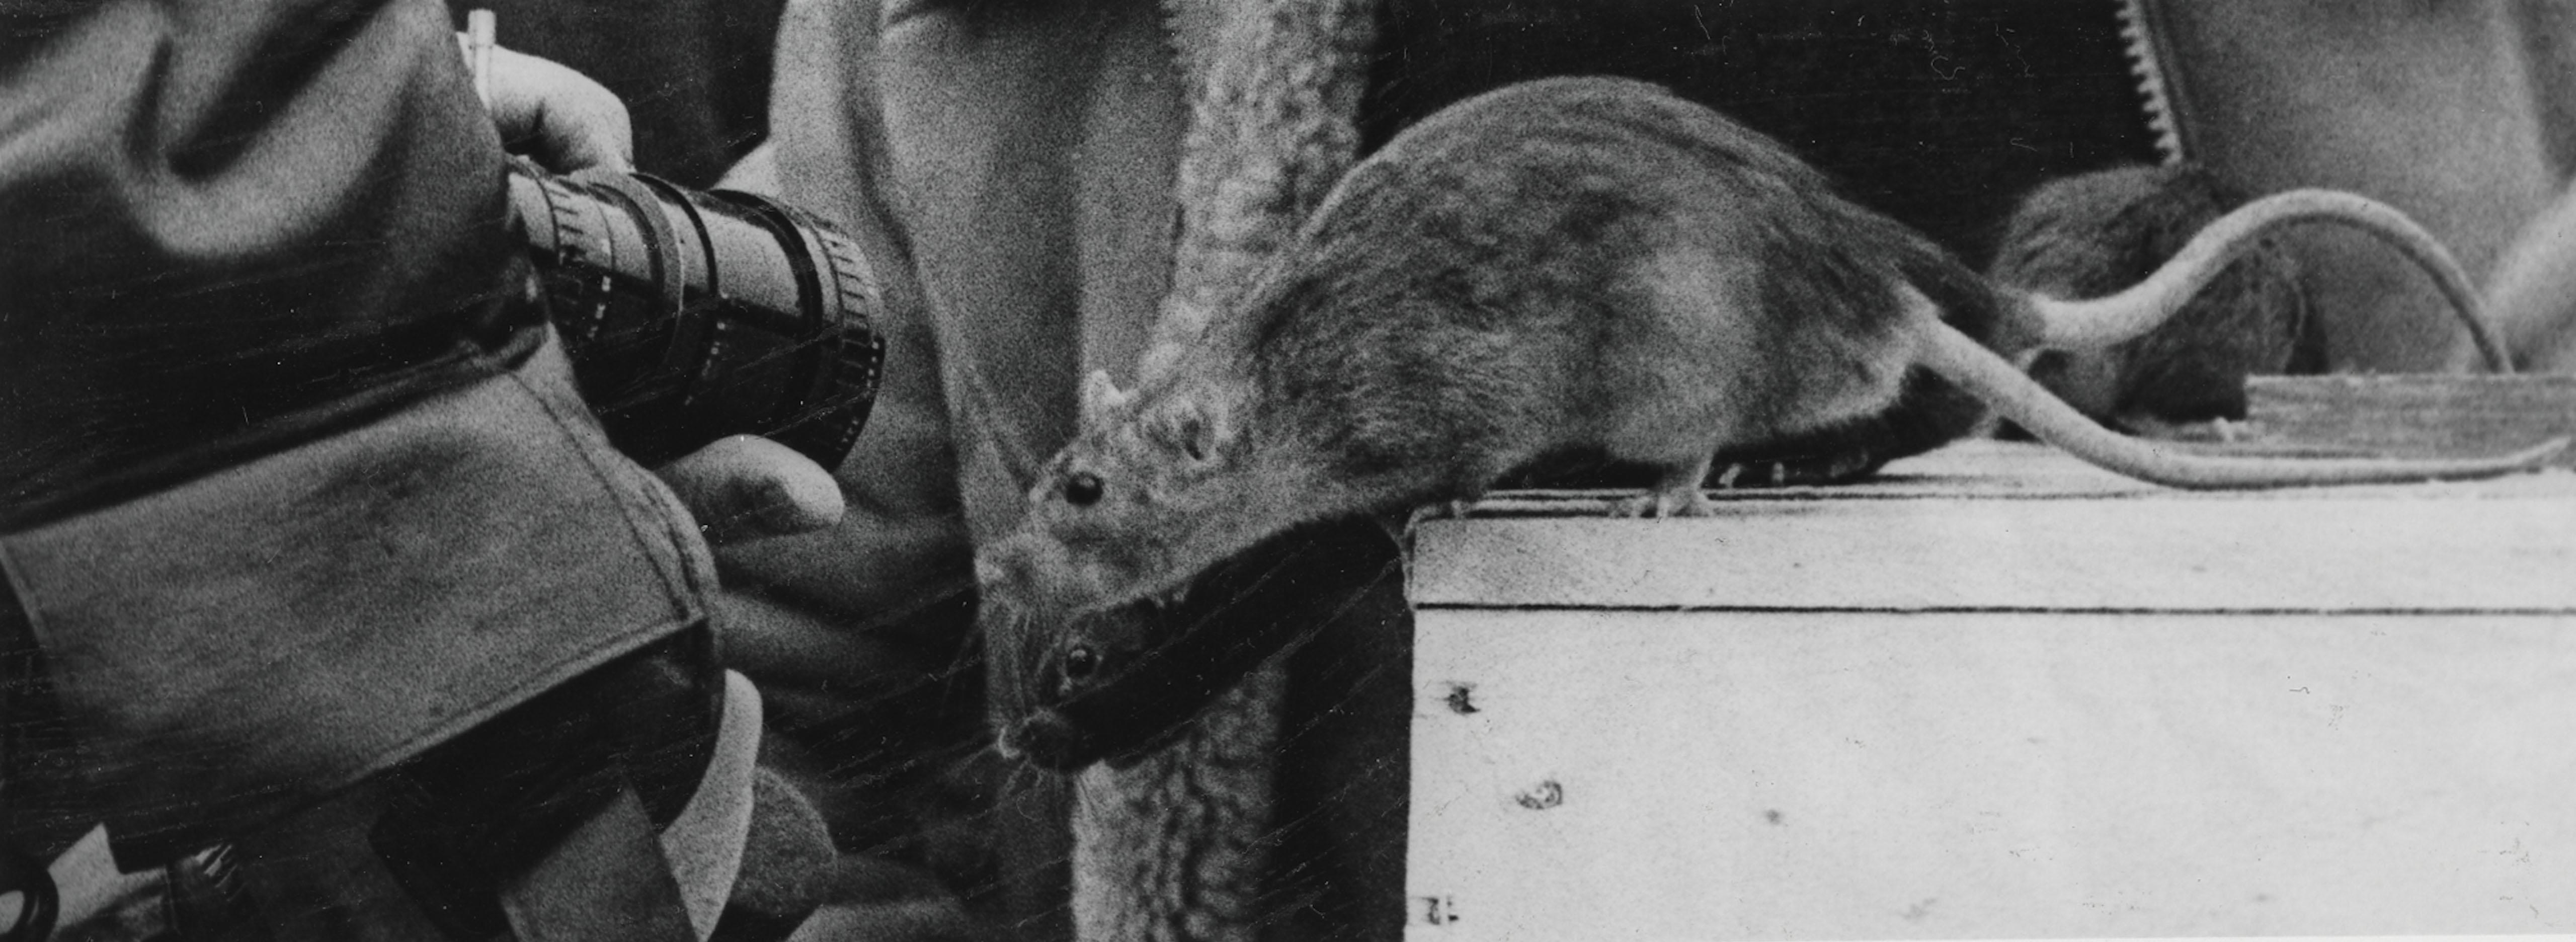 Behind the scenes of the film Nosferatu – Phantom der Nacht